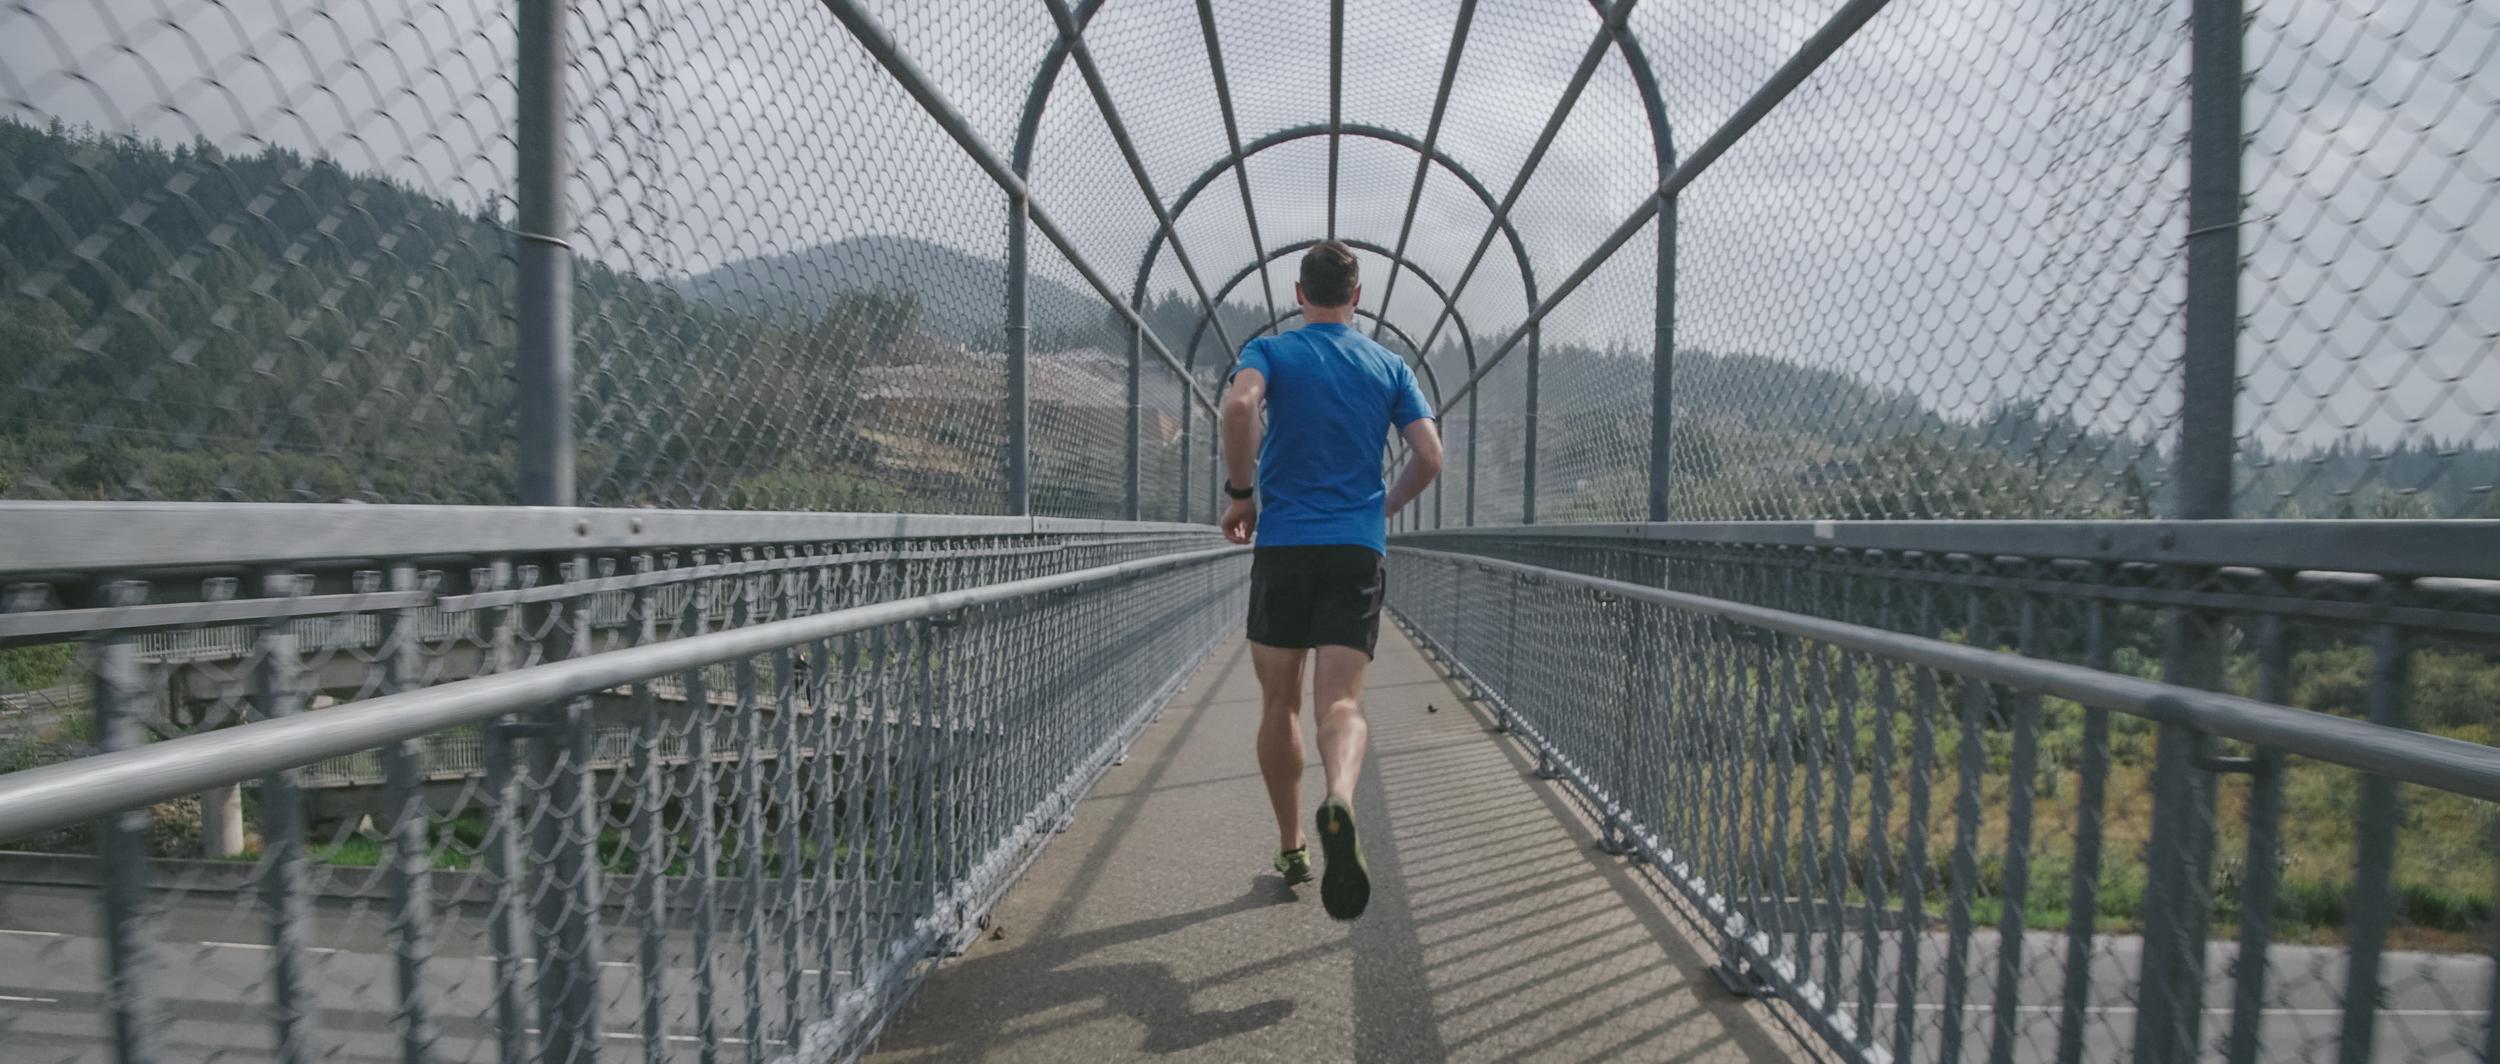 Running-7.jpg